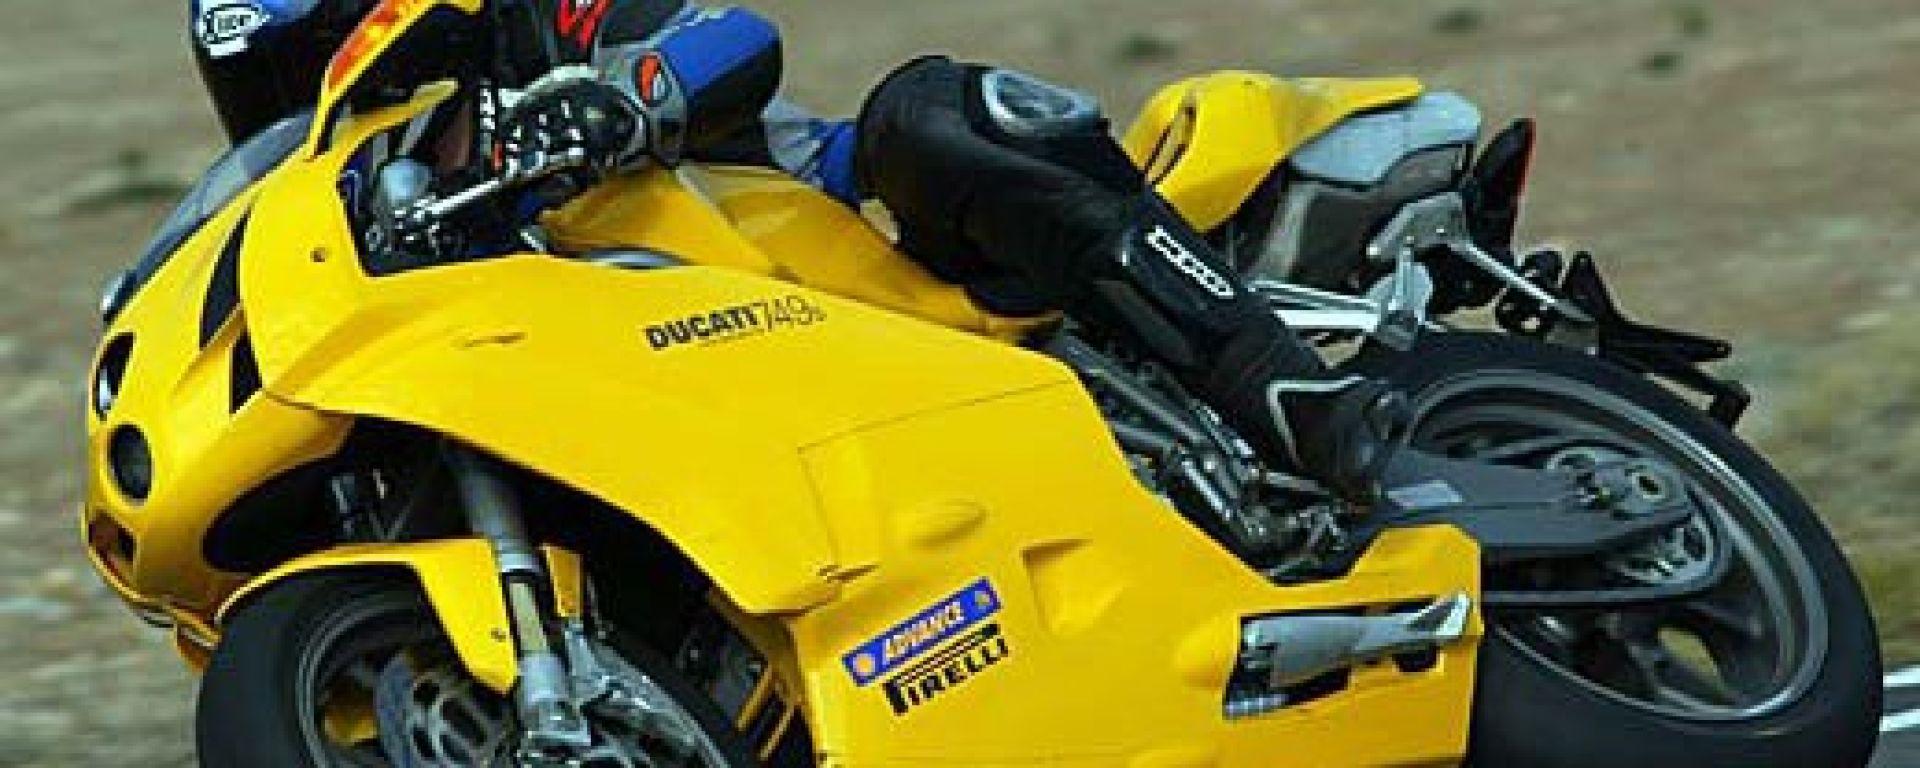 In sella alla Ducati 749 S